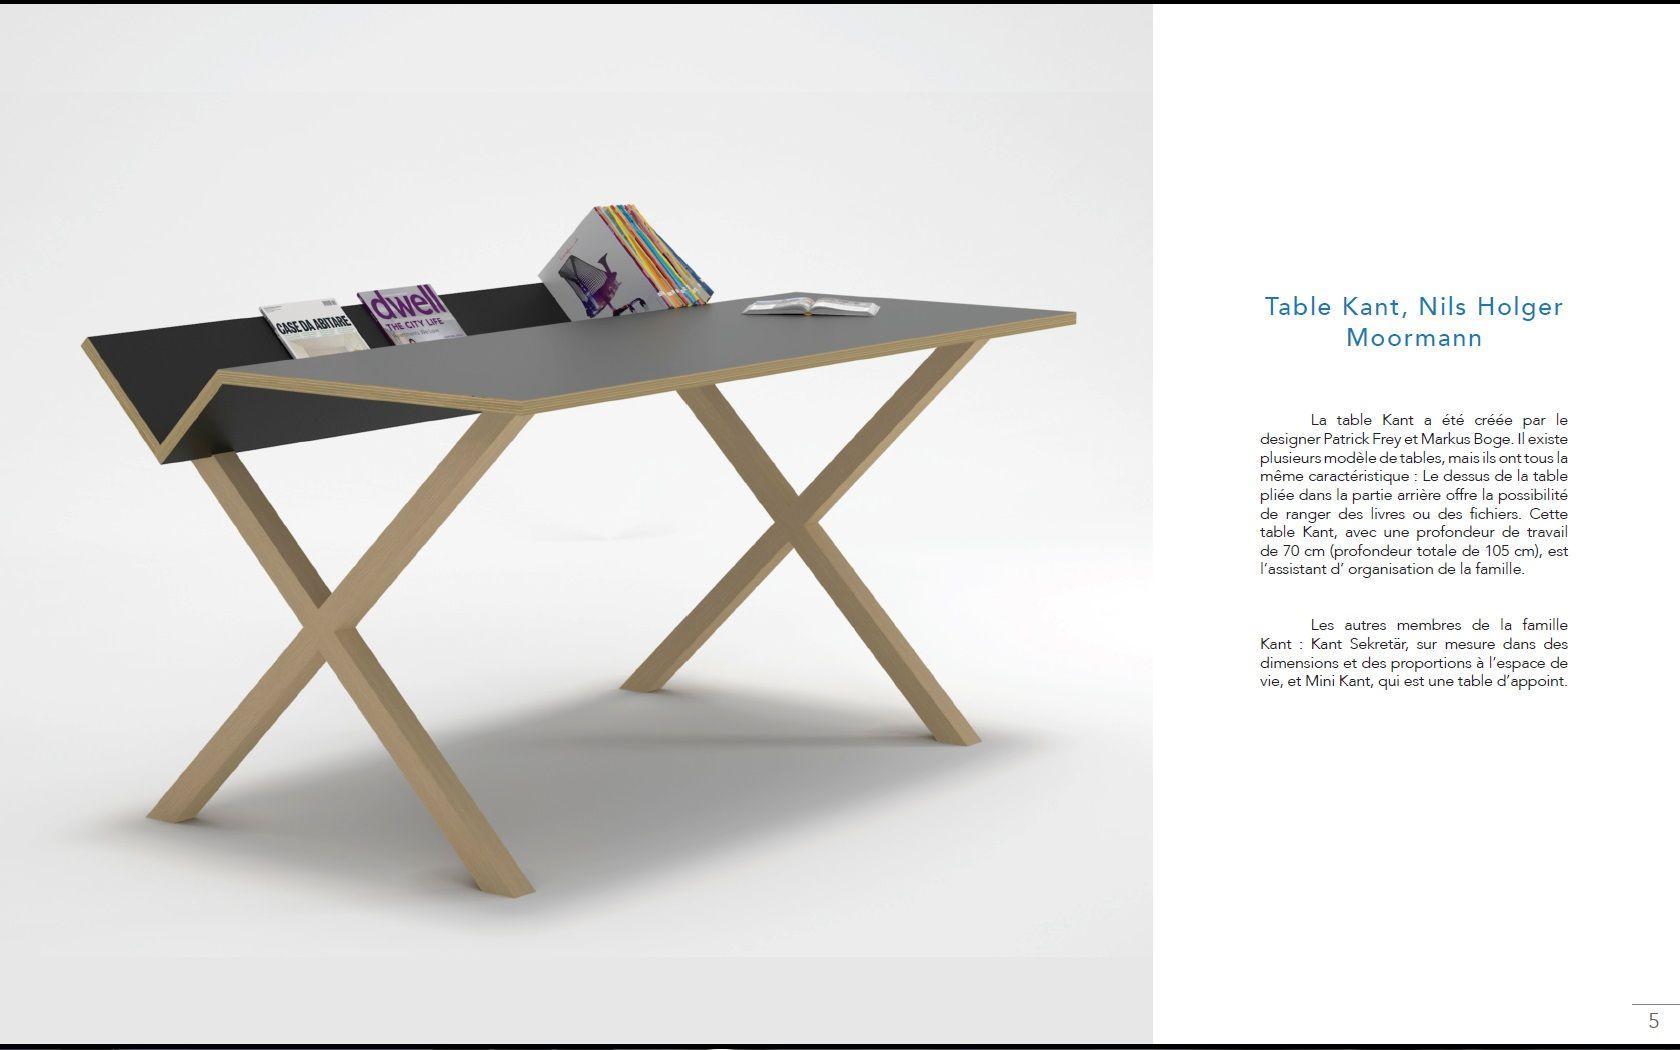 Cabinet de curiosité du design - Magazine cover